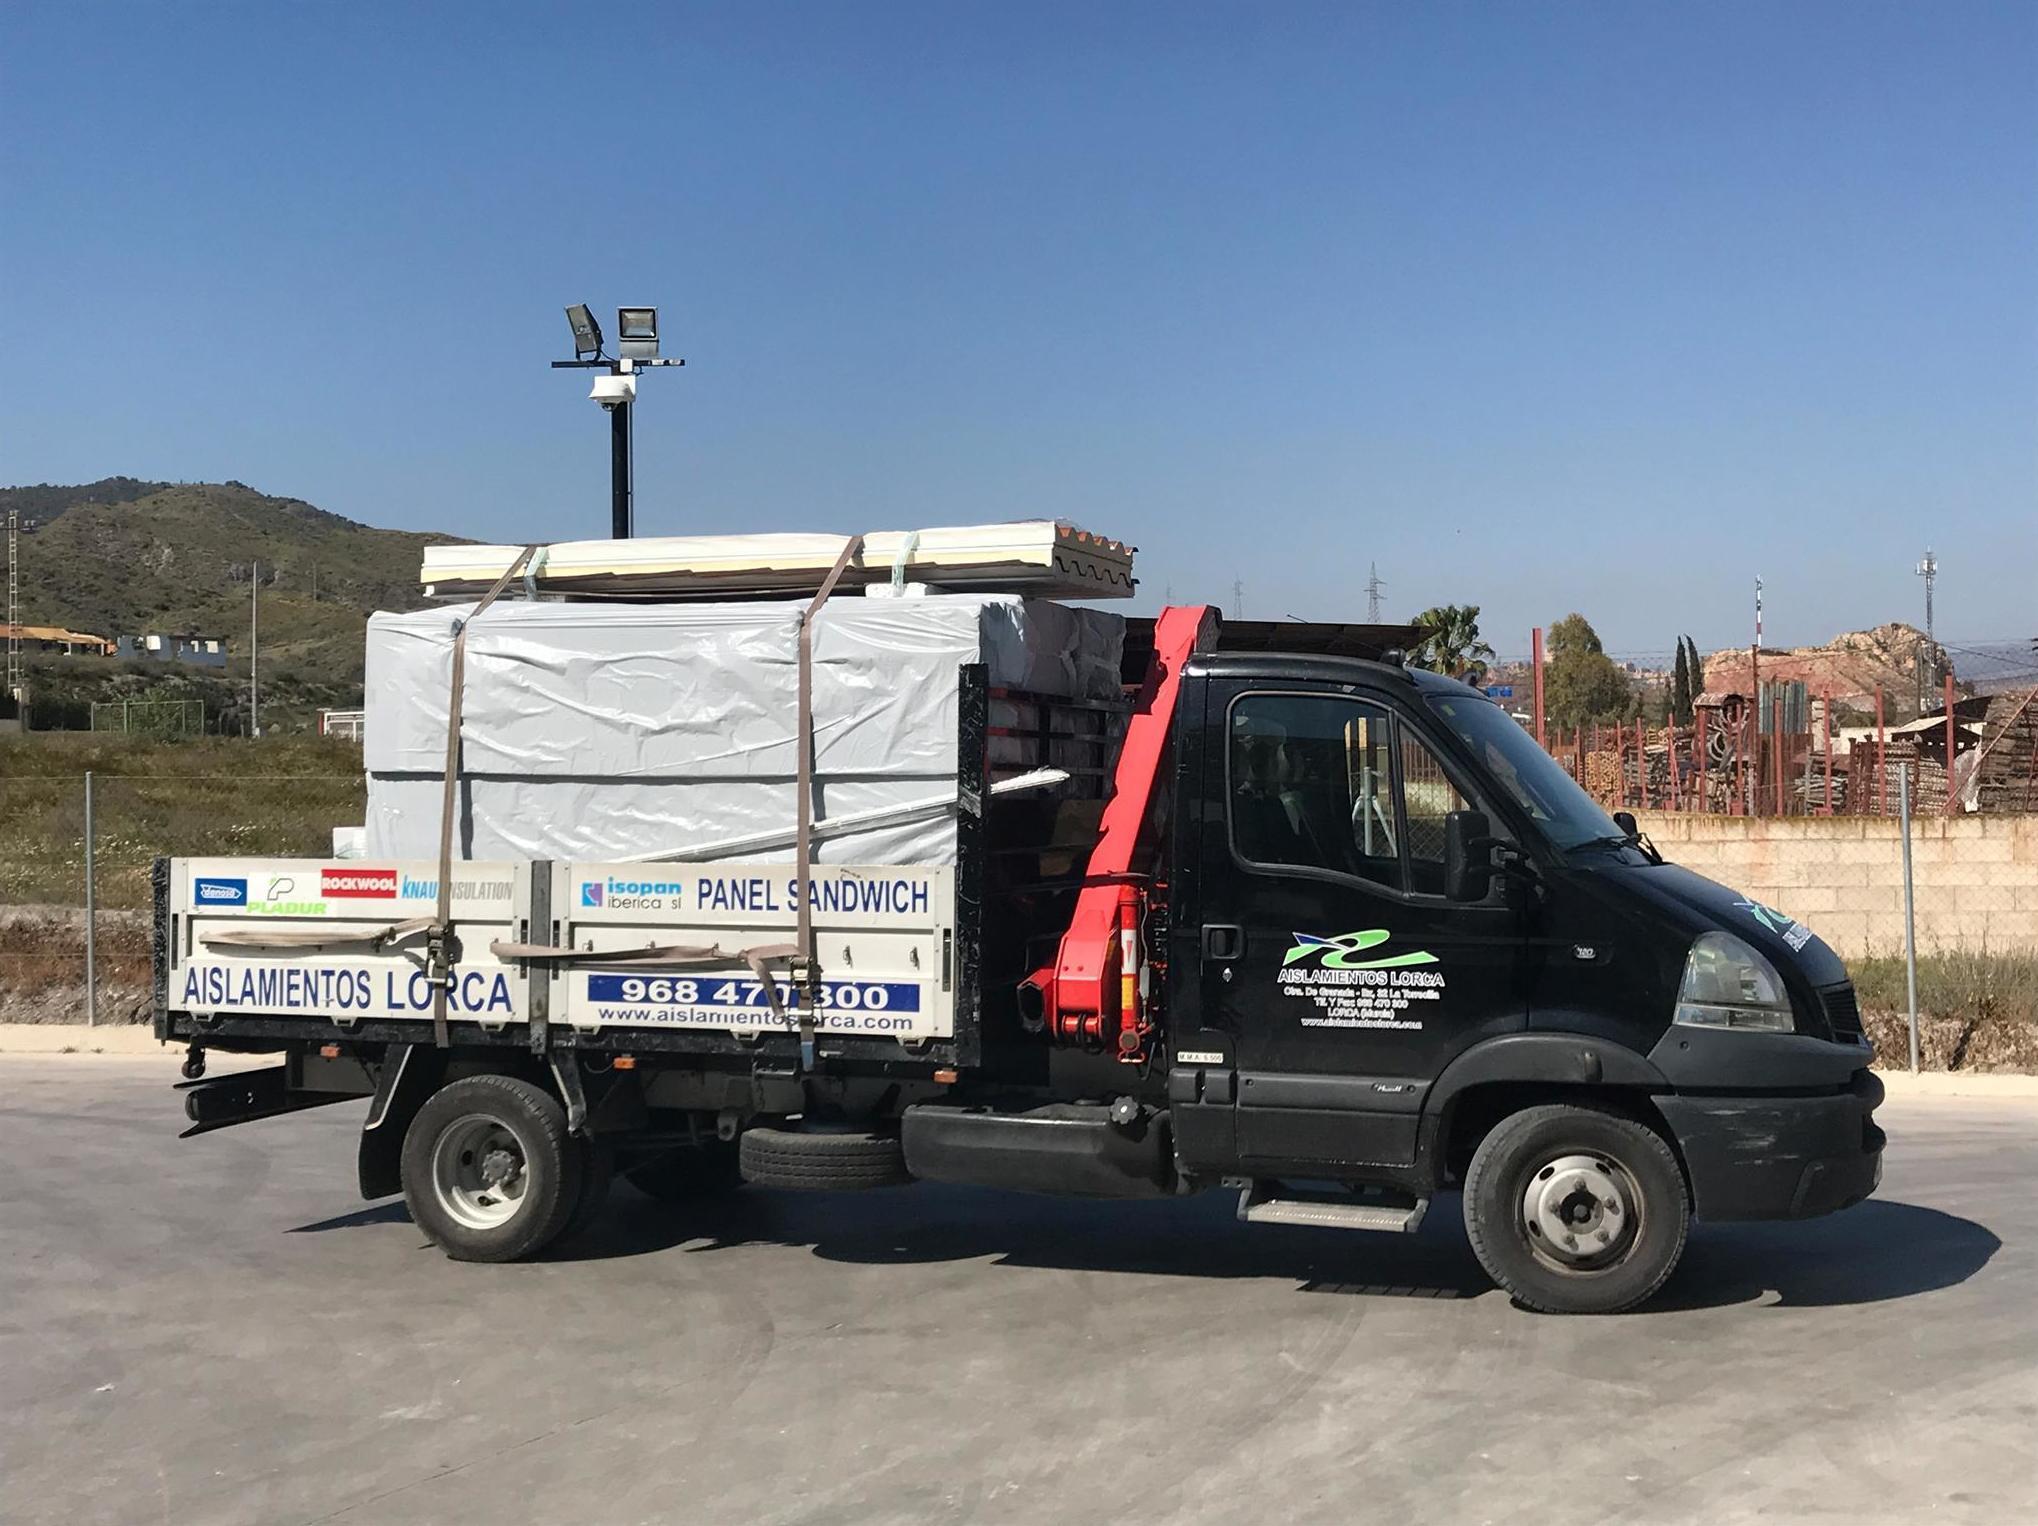 Aislamiento Lorca en Murcia